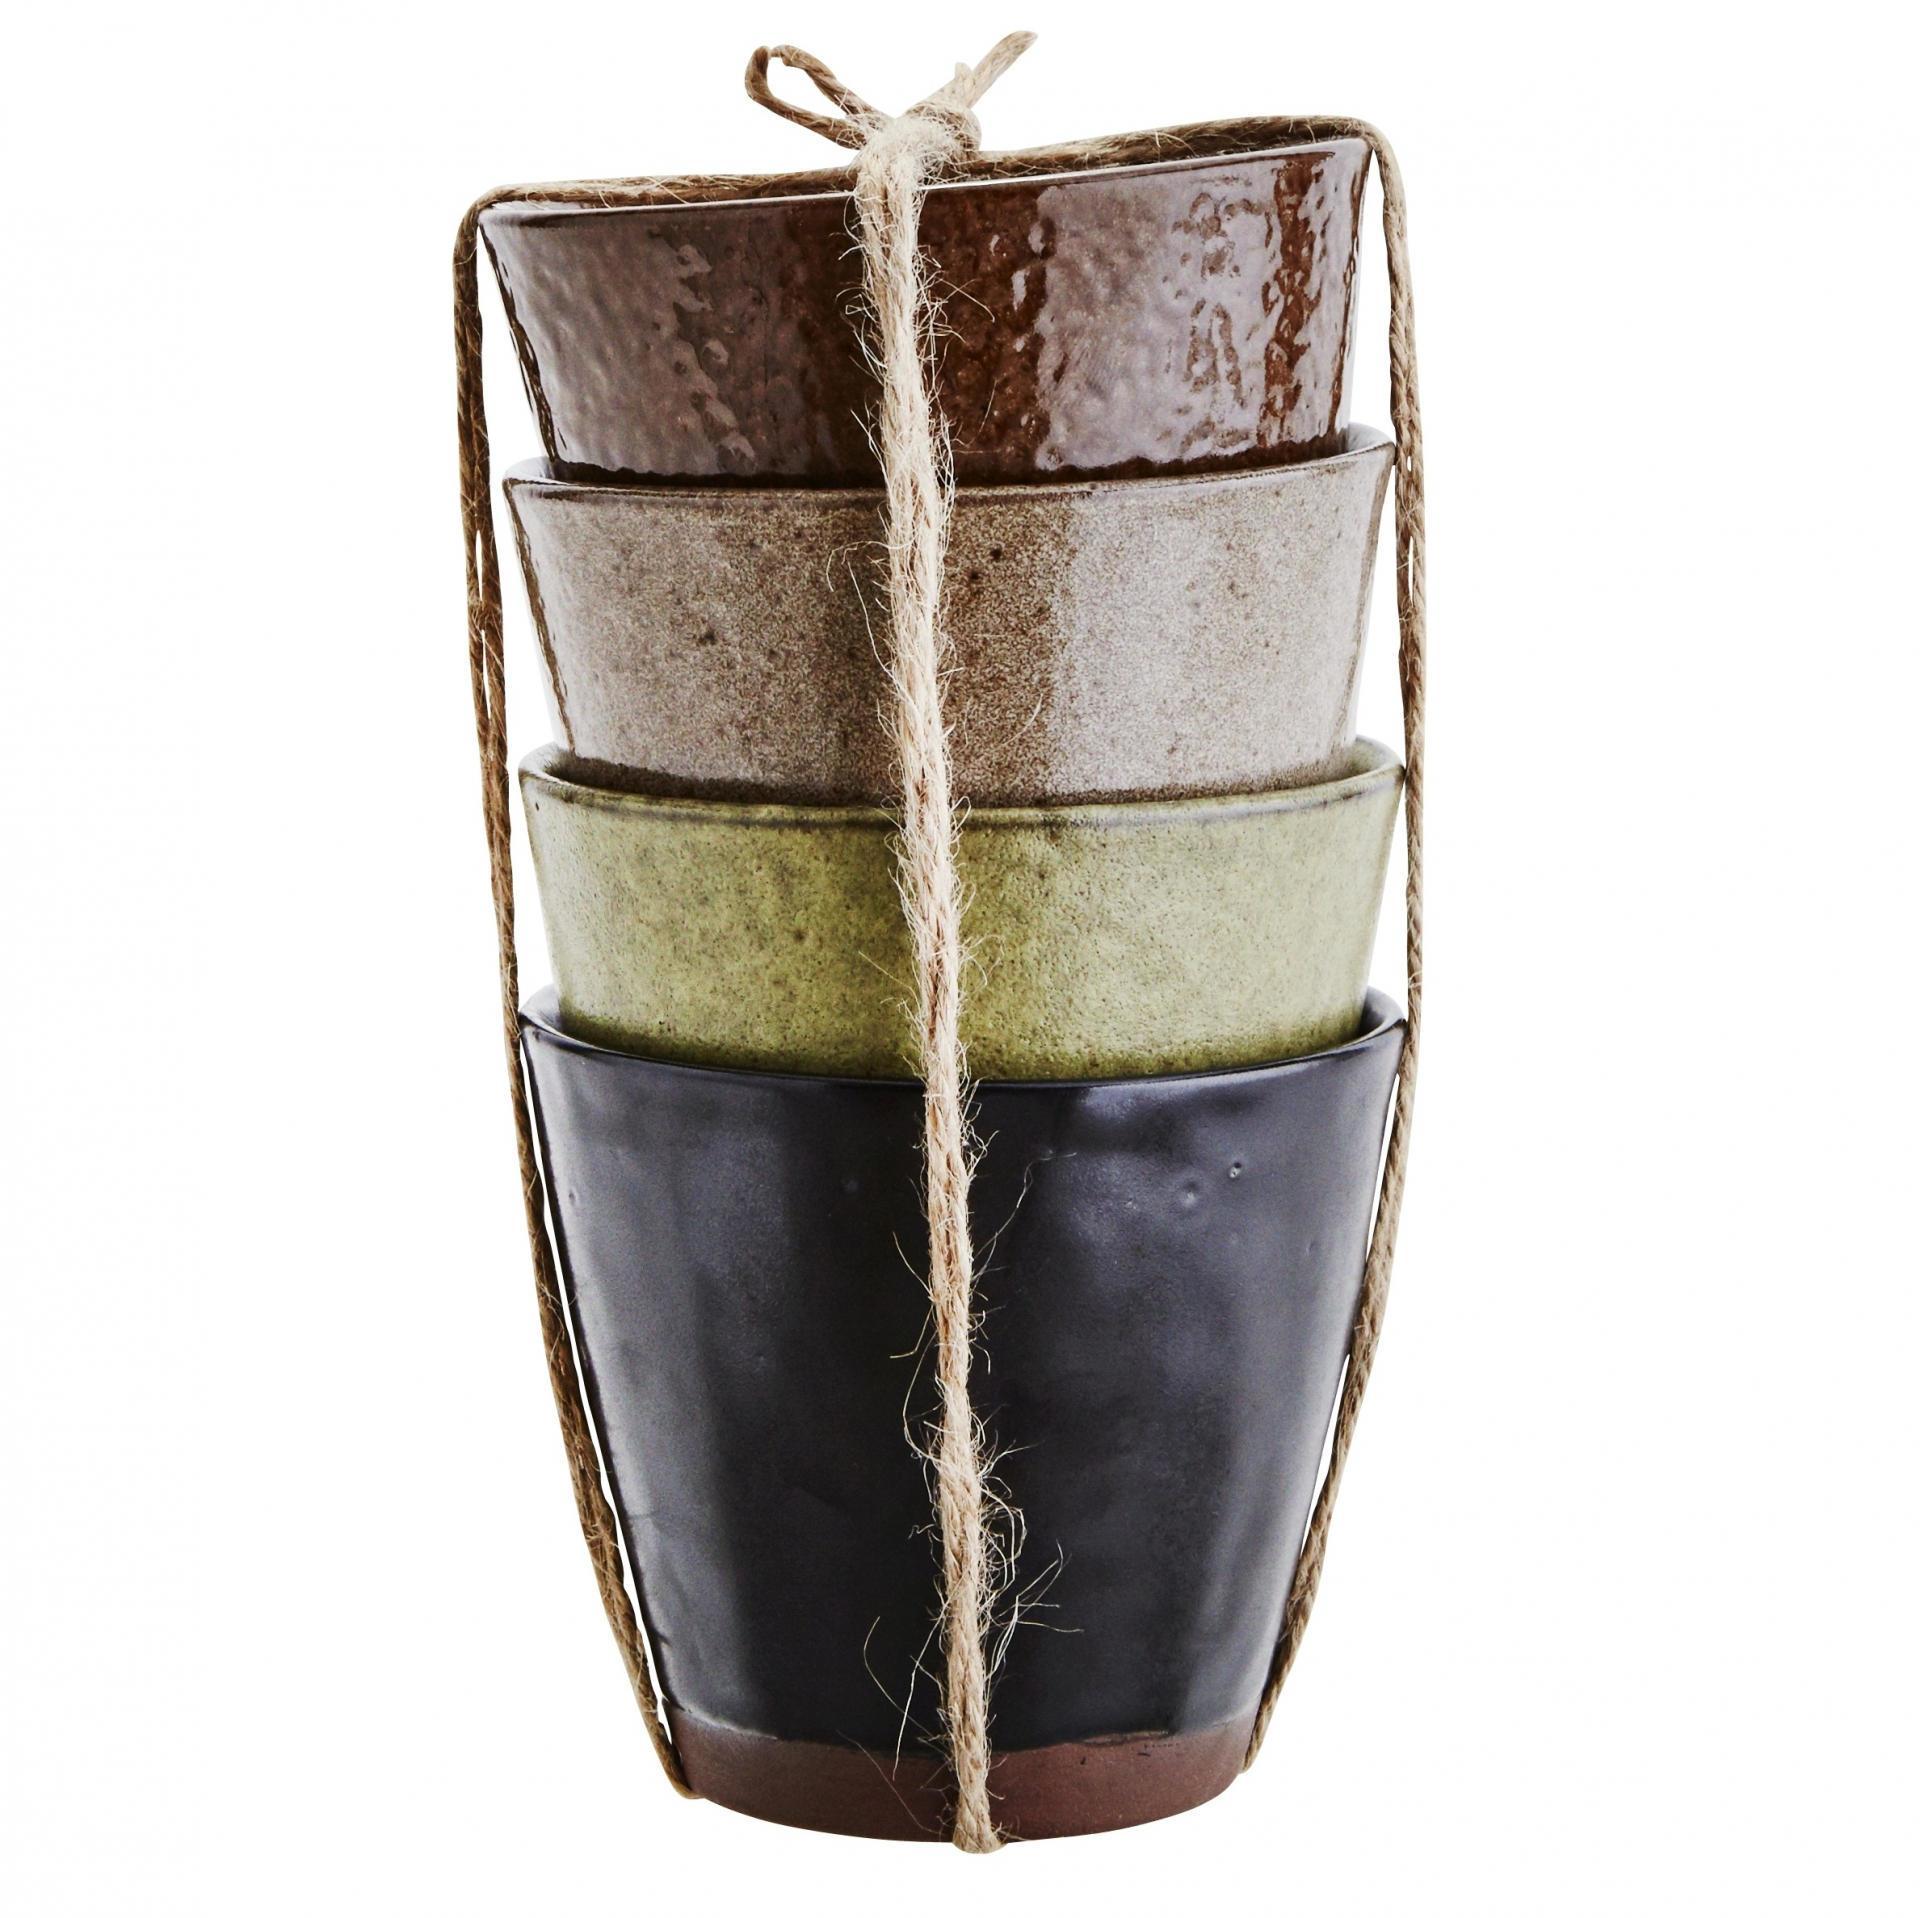 MADAM STOLTZ Kameninový hrneček Stone Černý, zelená barva, béžová barva, černá barva, hnědá barva, keramika